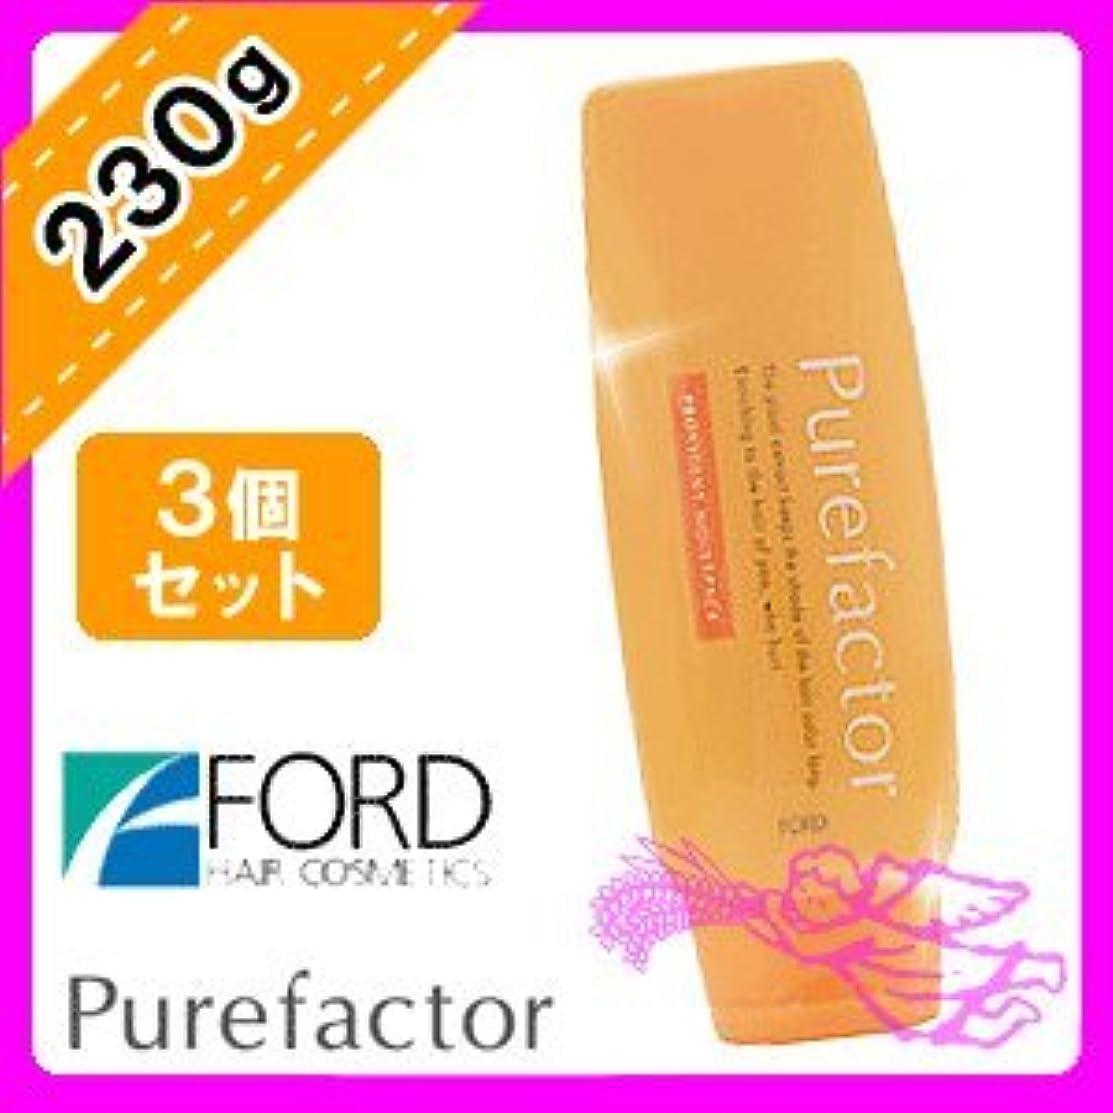 ハーブペレグリネーションあなたのものフォード ピュアファクター モイストパック 230g ×3個 セット FORD Pure factor